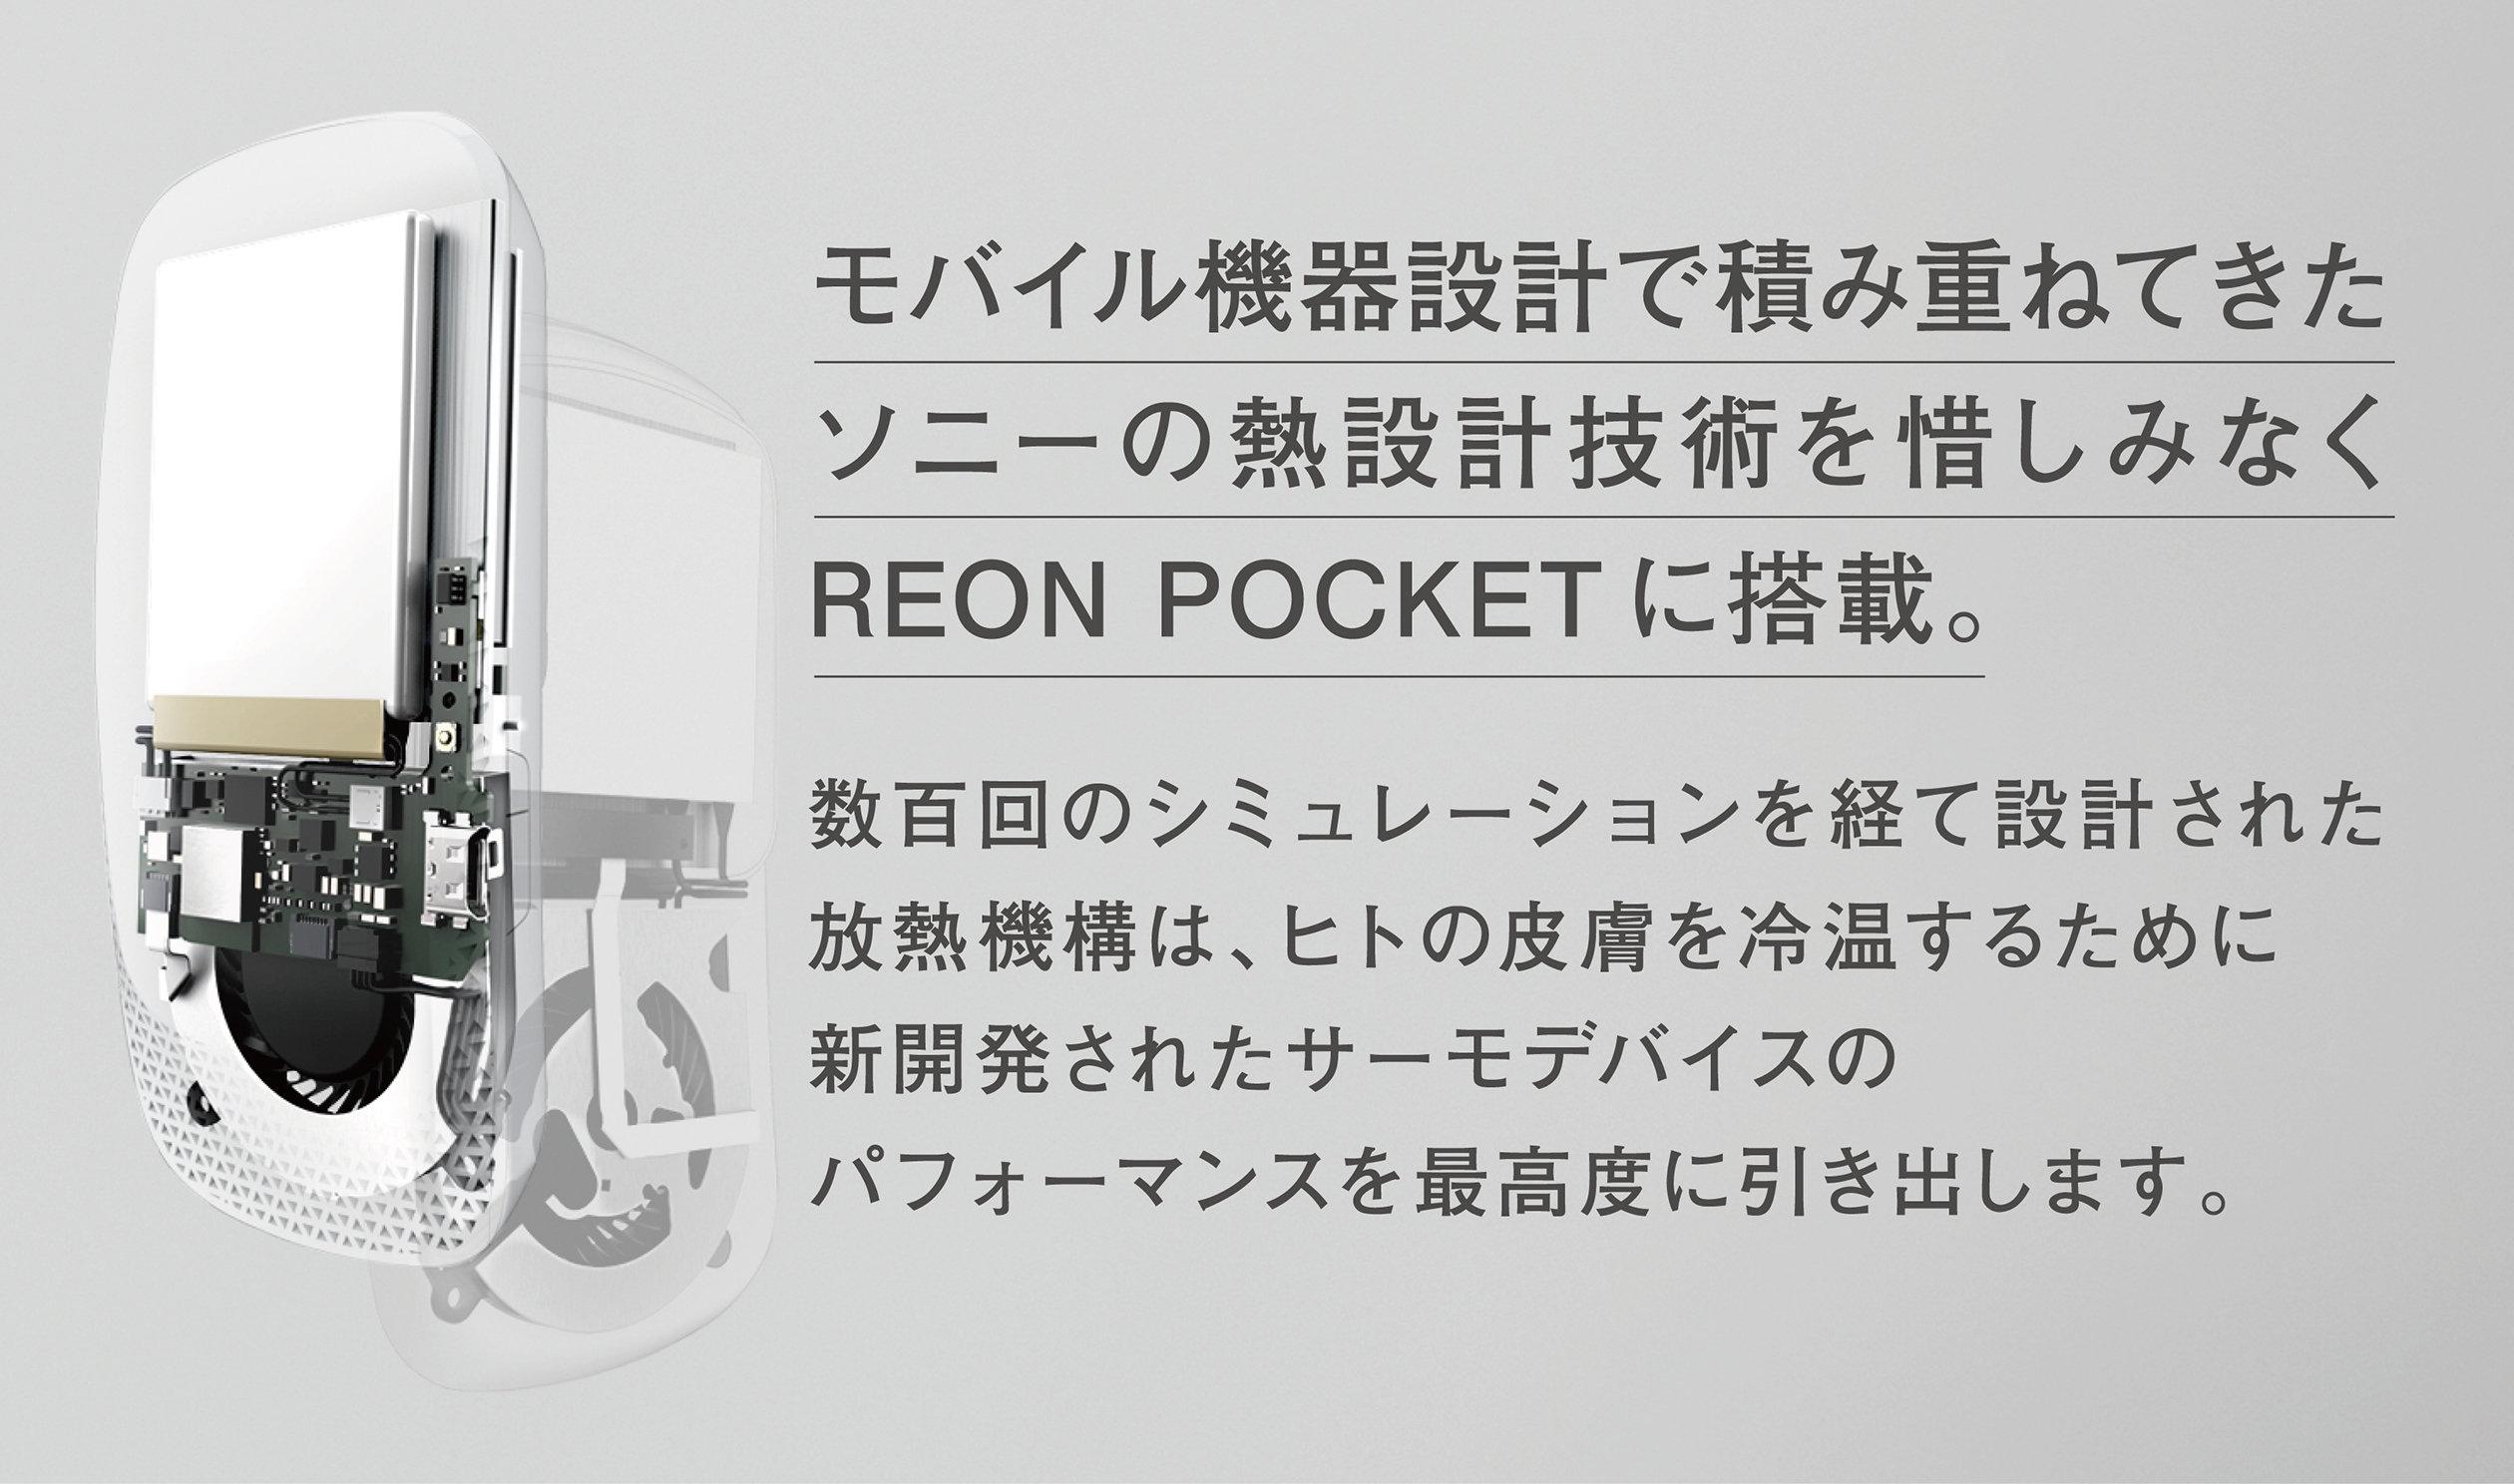 ReonPocket3.jpg